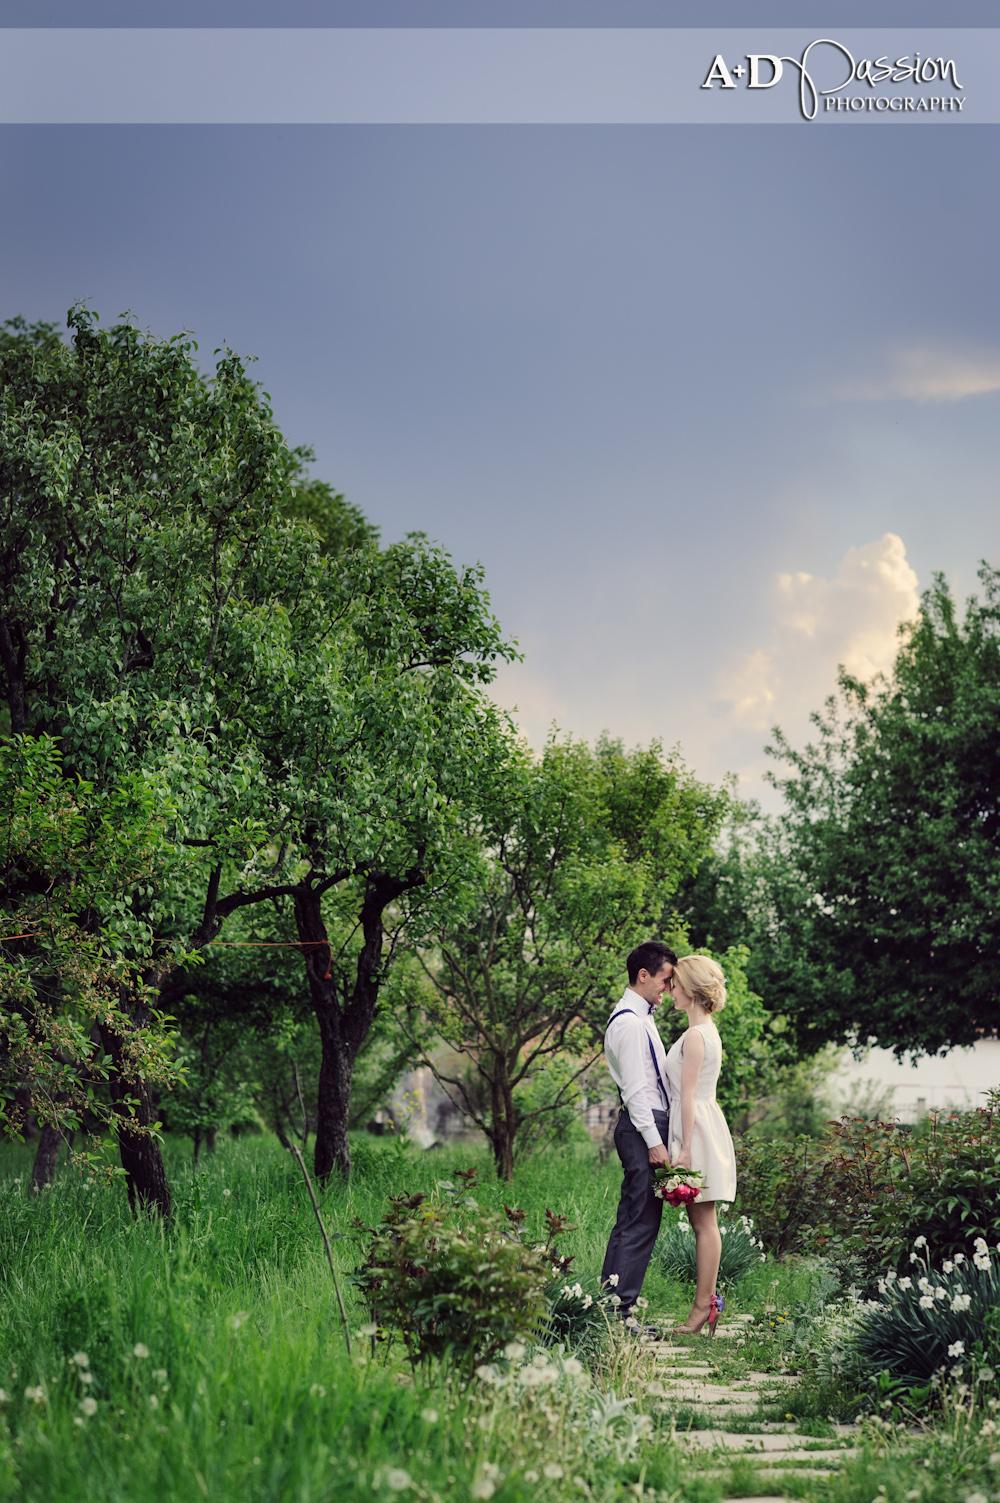 AD Passion Photography | 20120517_fotograf_profesionist_nunta_ttd_gabriela_si_lari_0038 | Adelin, Dida, fotograf profesionist, fotograf de nunta, fotografie de nunta, fotograf Timisoara, fotograf Craiova, fotograf Bucuresti, fotograf Arad, nunta Timisoara, nunta Arad, nunta Bucuresti, nunta Craiova